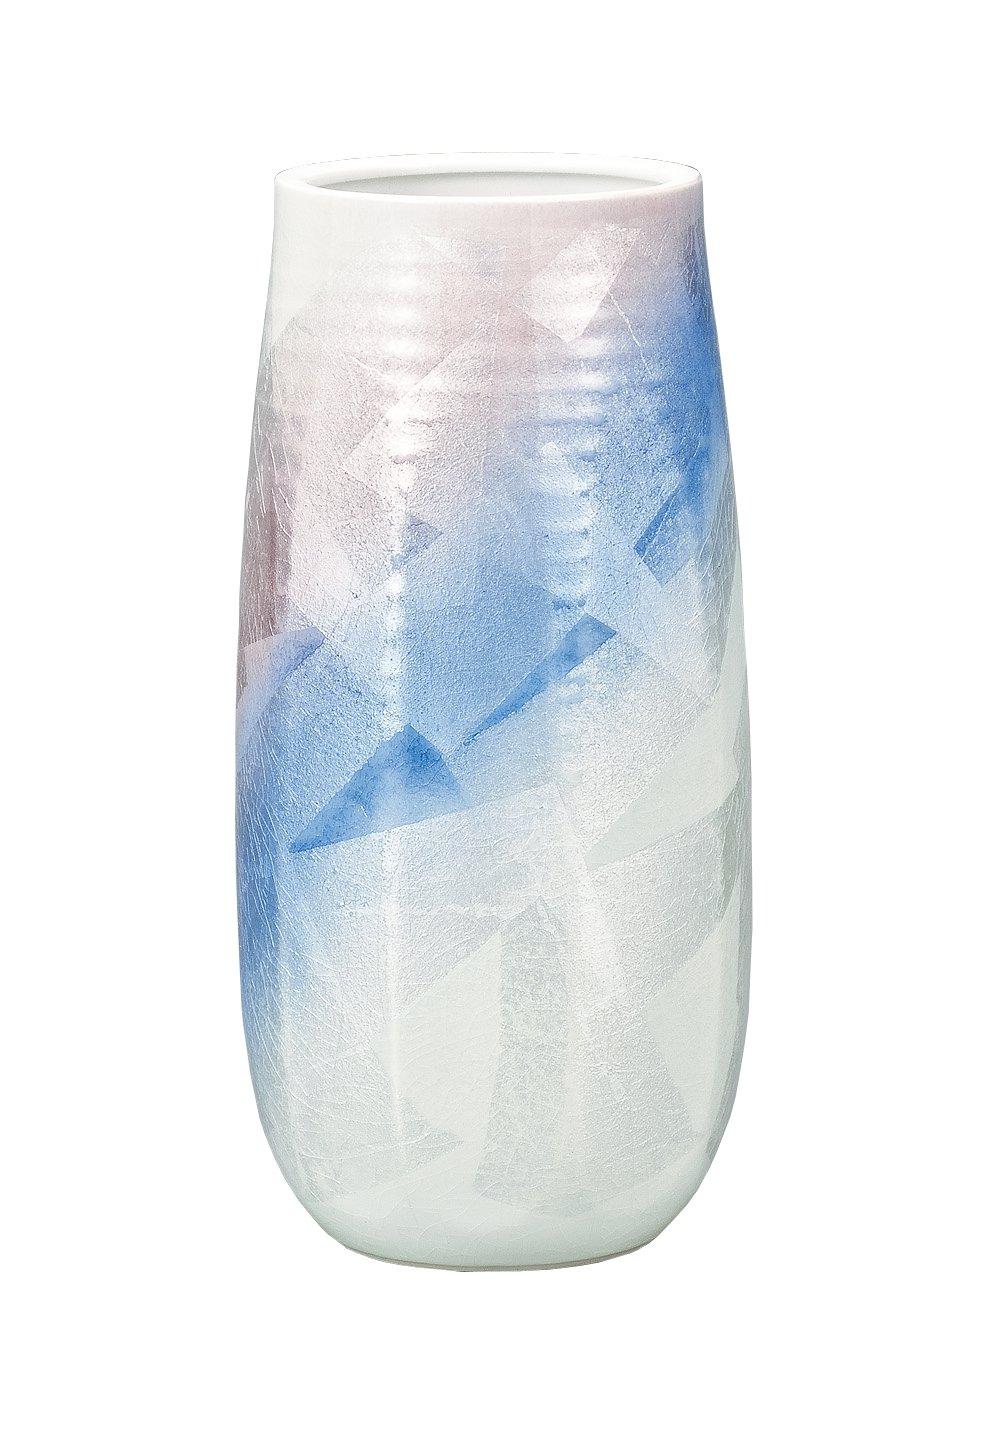 マルサン宮本 九谷焼 花器 8.5号花瓶 銀彩ひびき AP3-1027 B01HXQN726